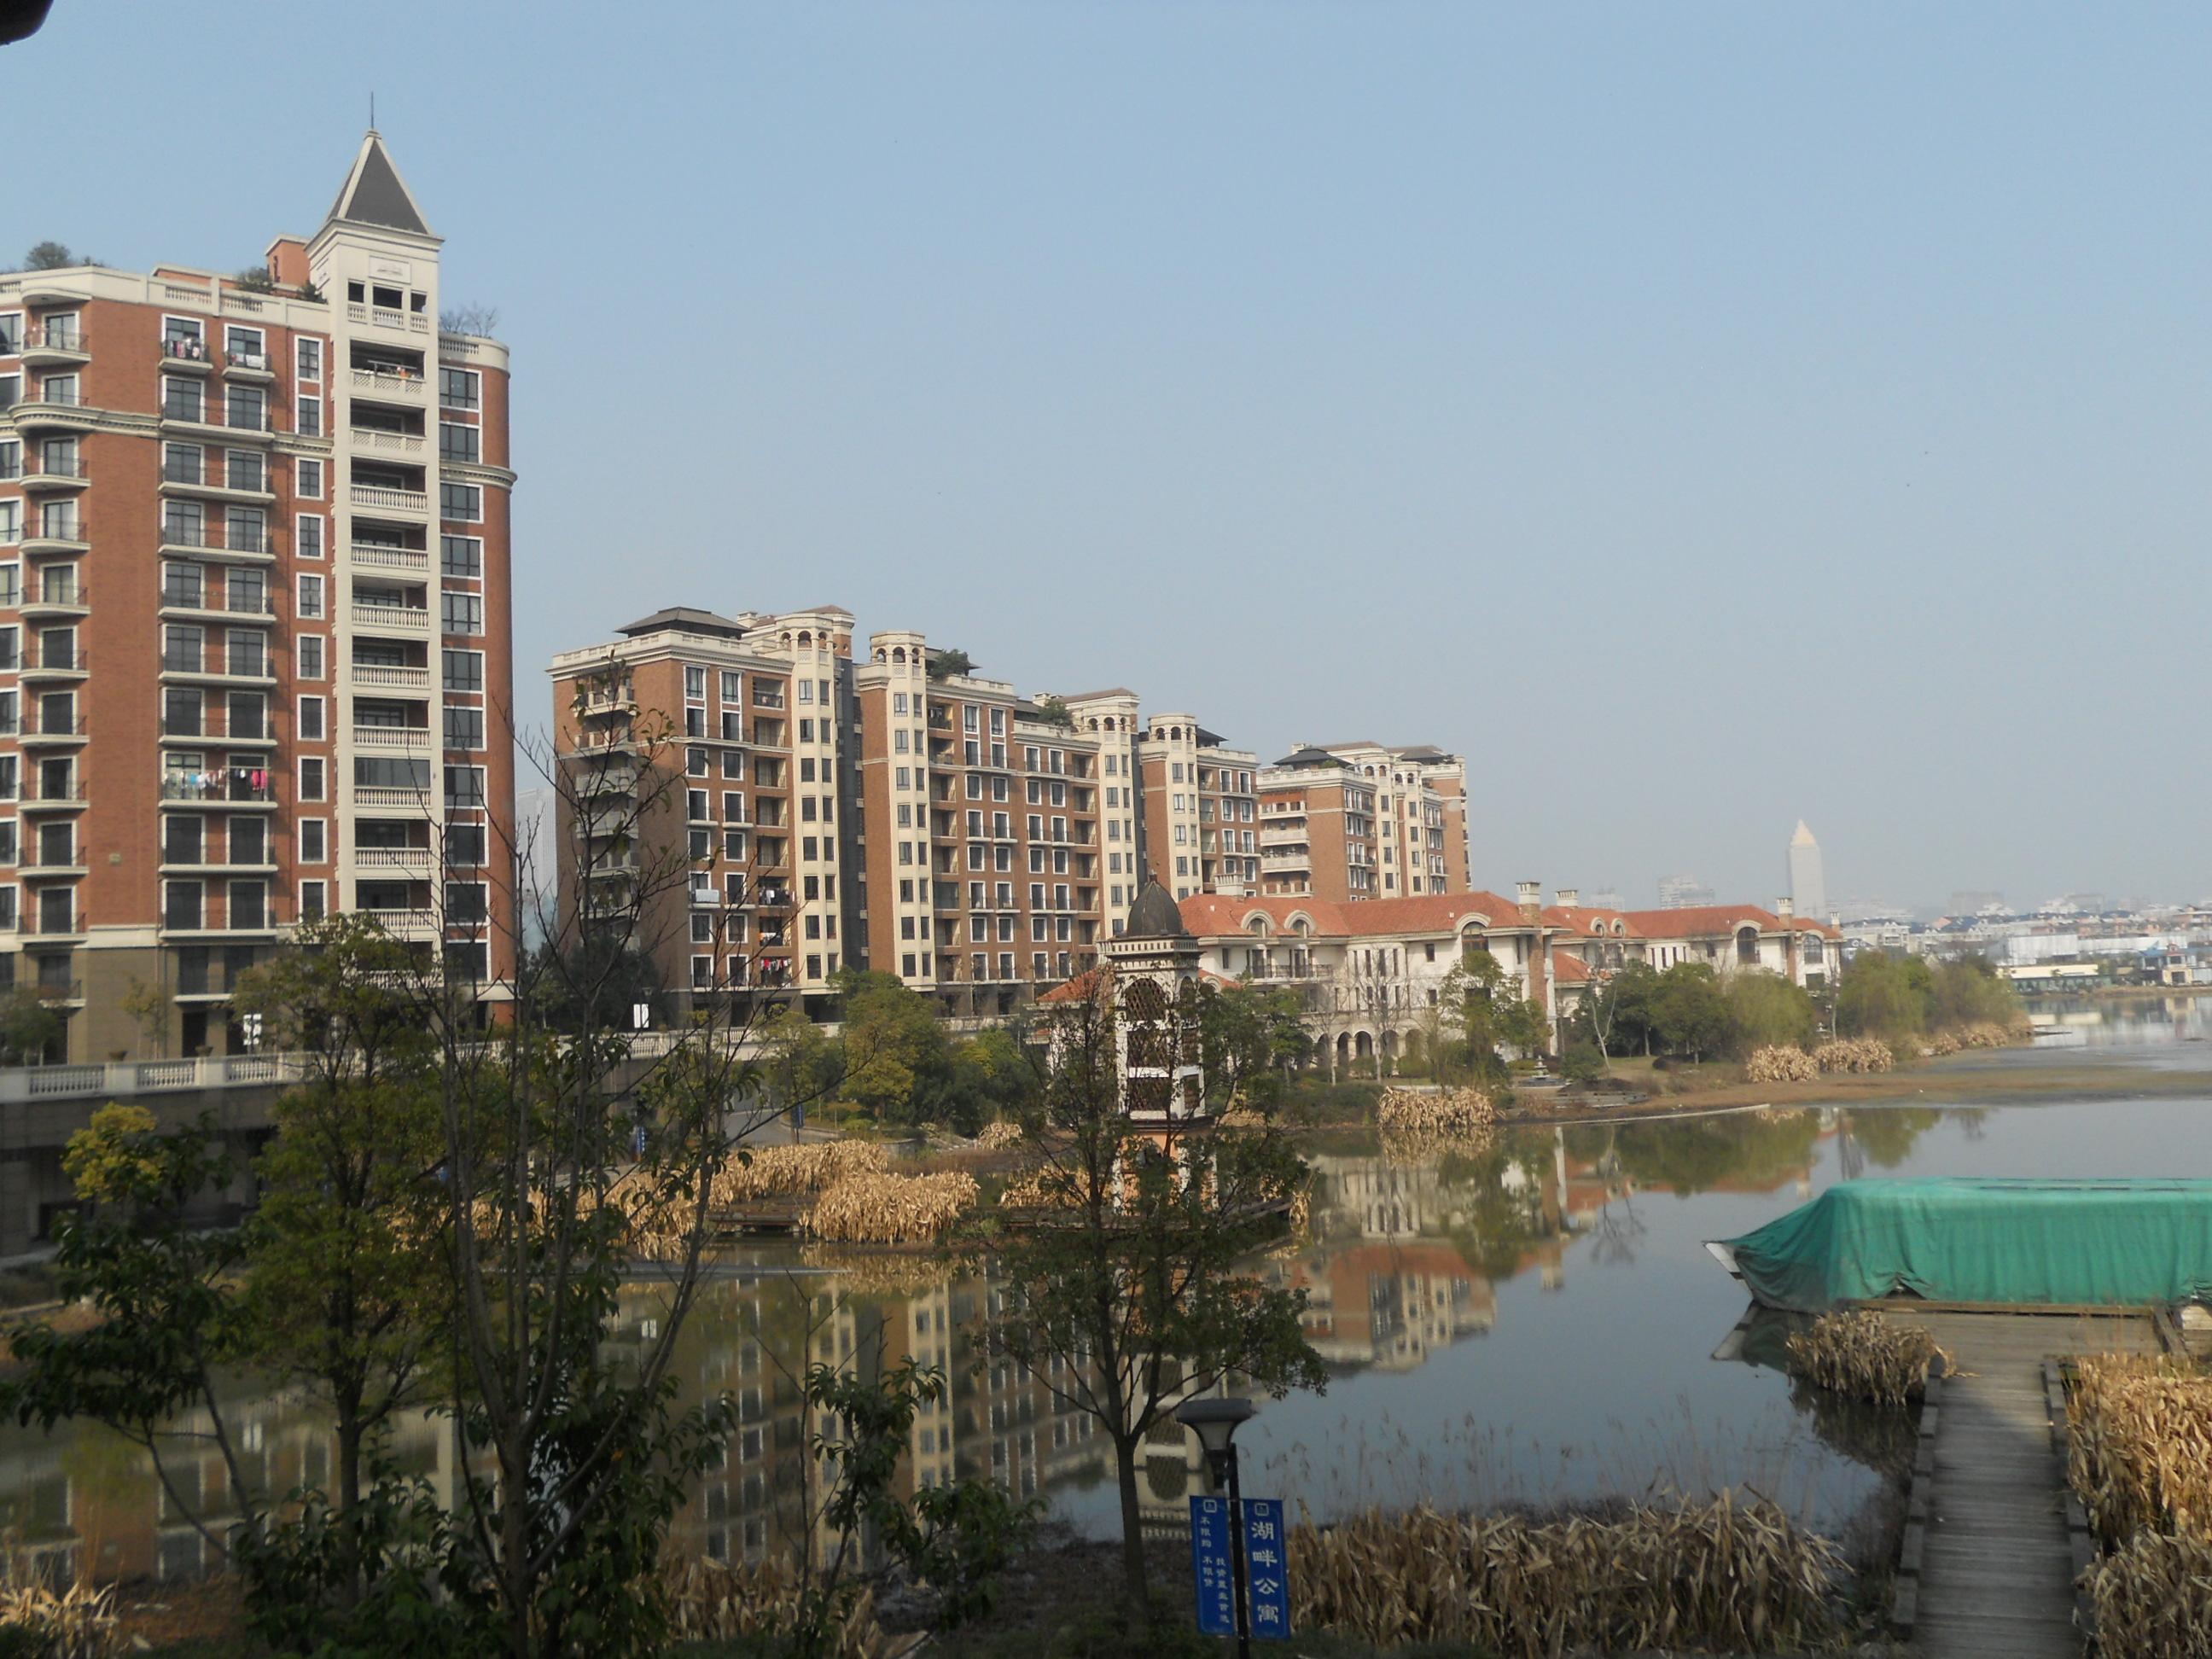 湘湖湖畔宽邸湖景房346平方六房,豪华装修,看房有钥匙,只卖23674元平